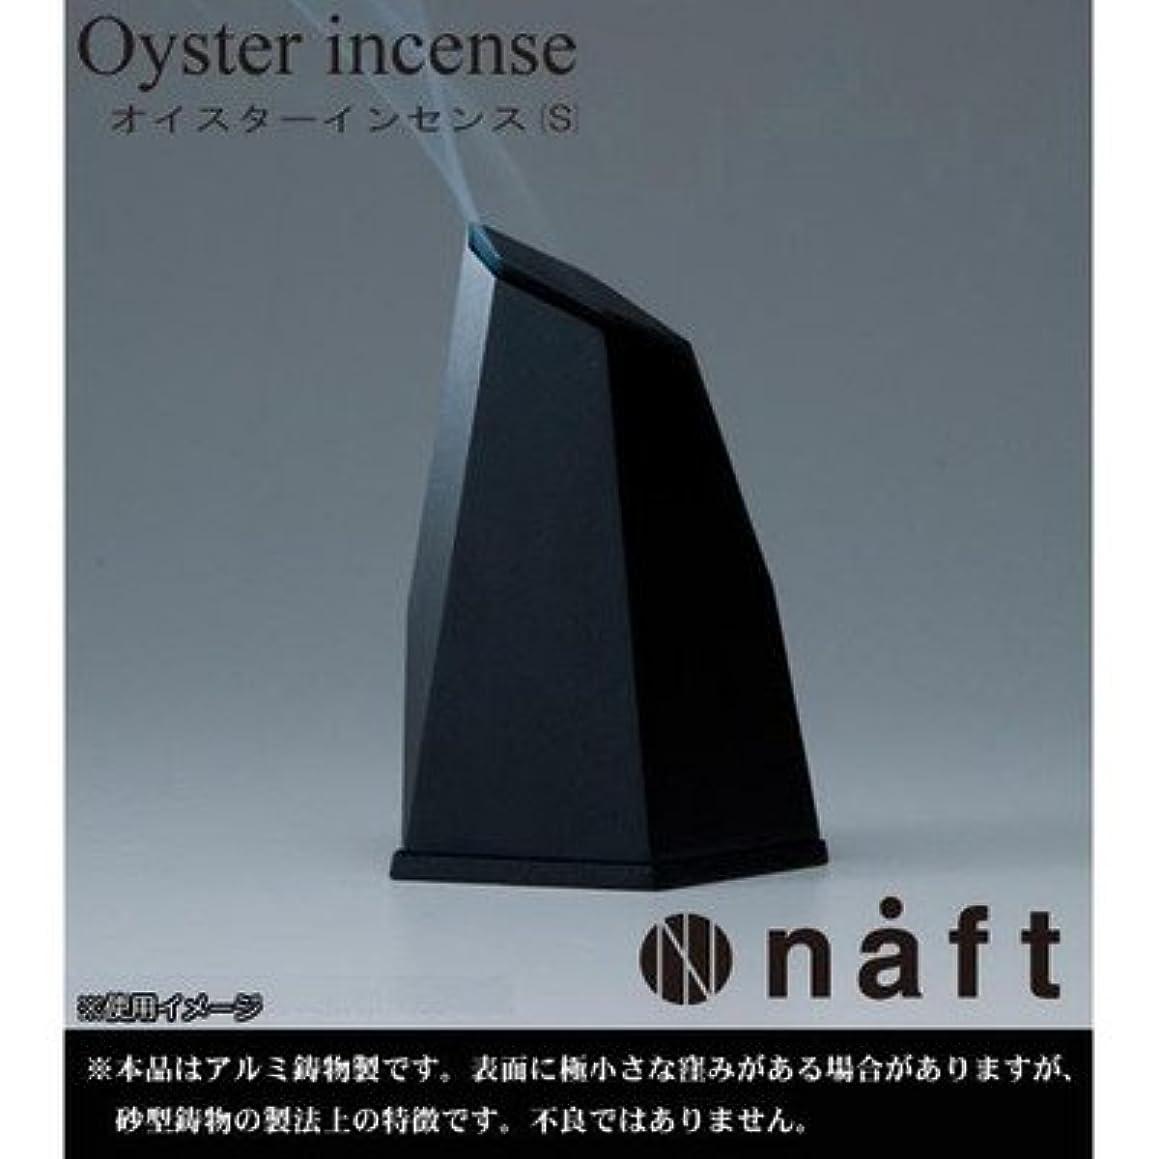 喜ぶ離れて腐敗シンプルだけどインパクトのあるフォルム naft Oyster incense オイスターインセンス 香炉 Sサイズ ブラック